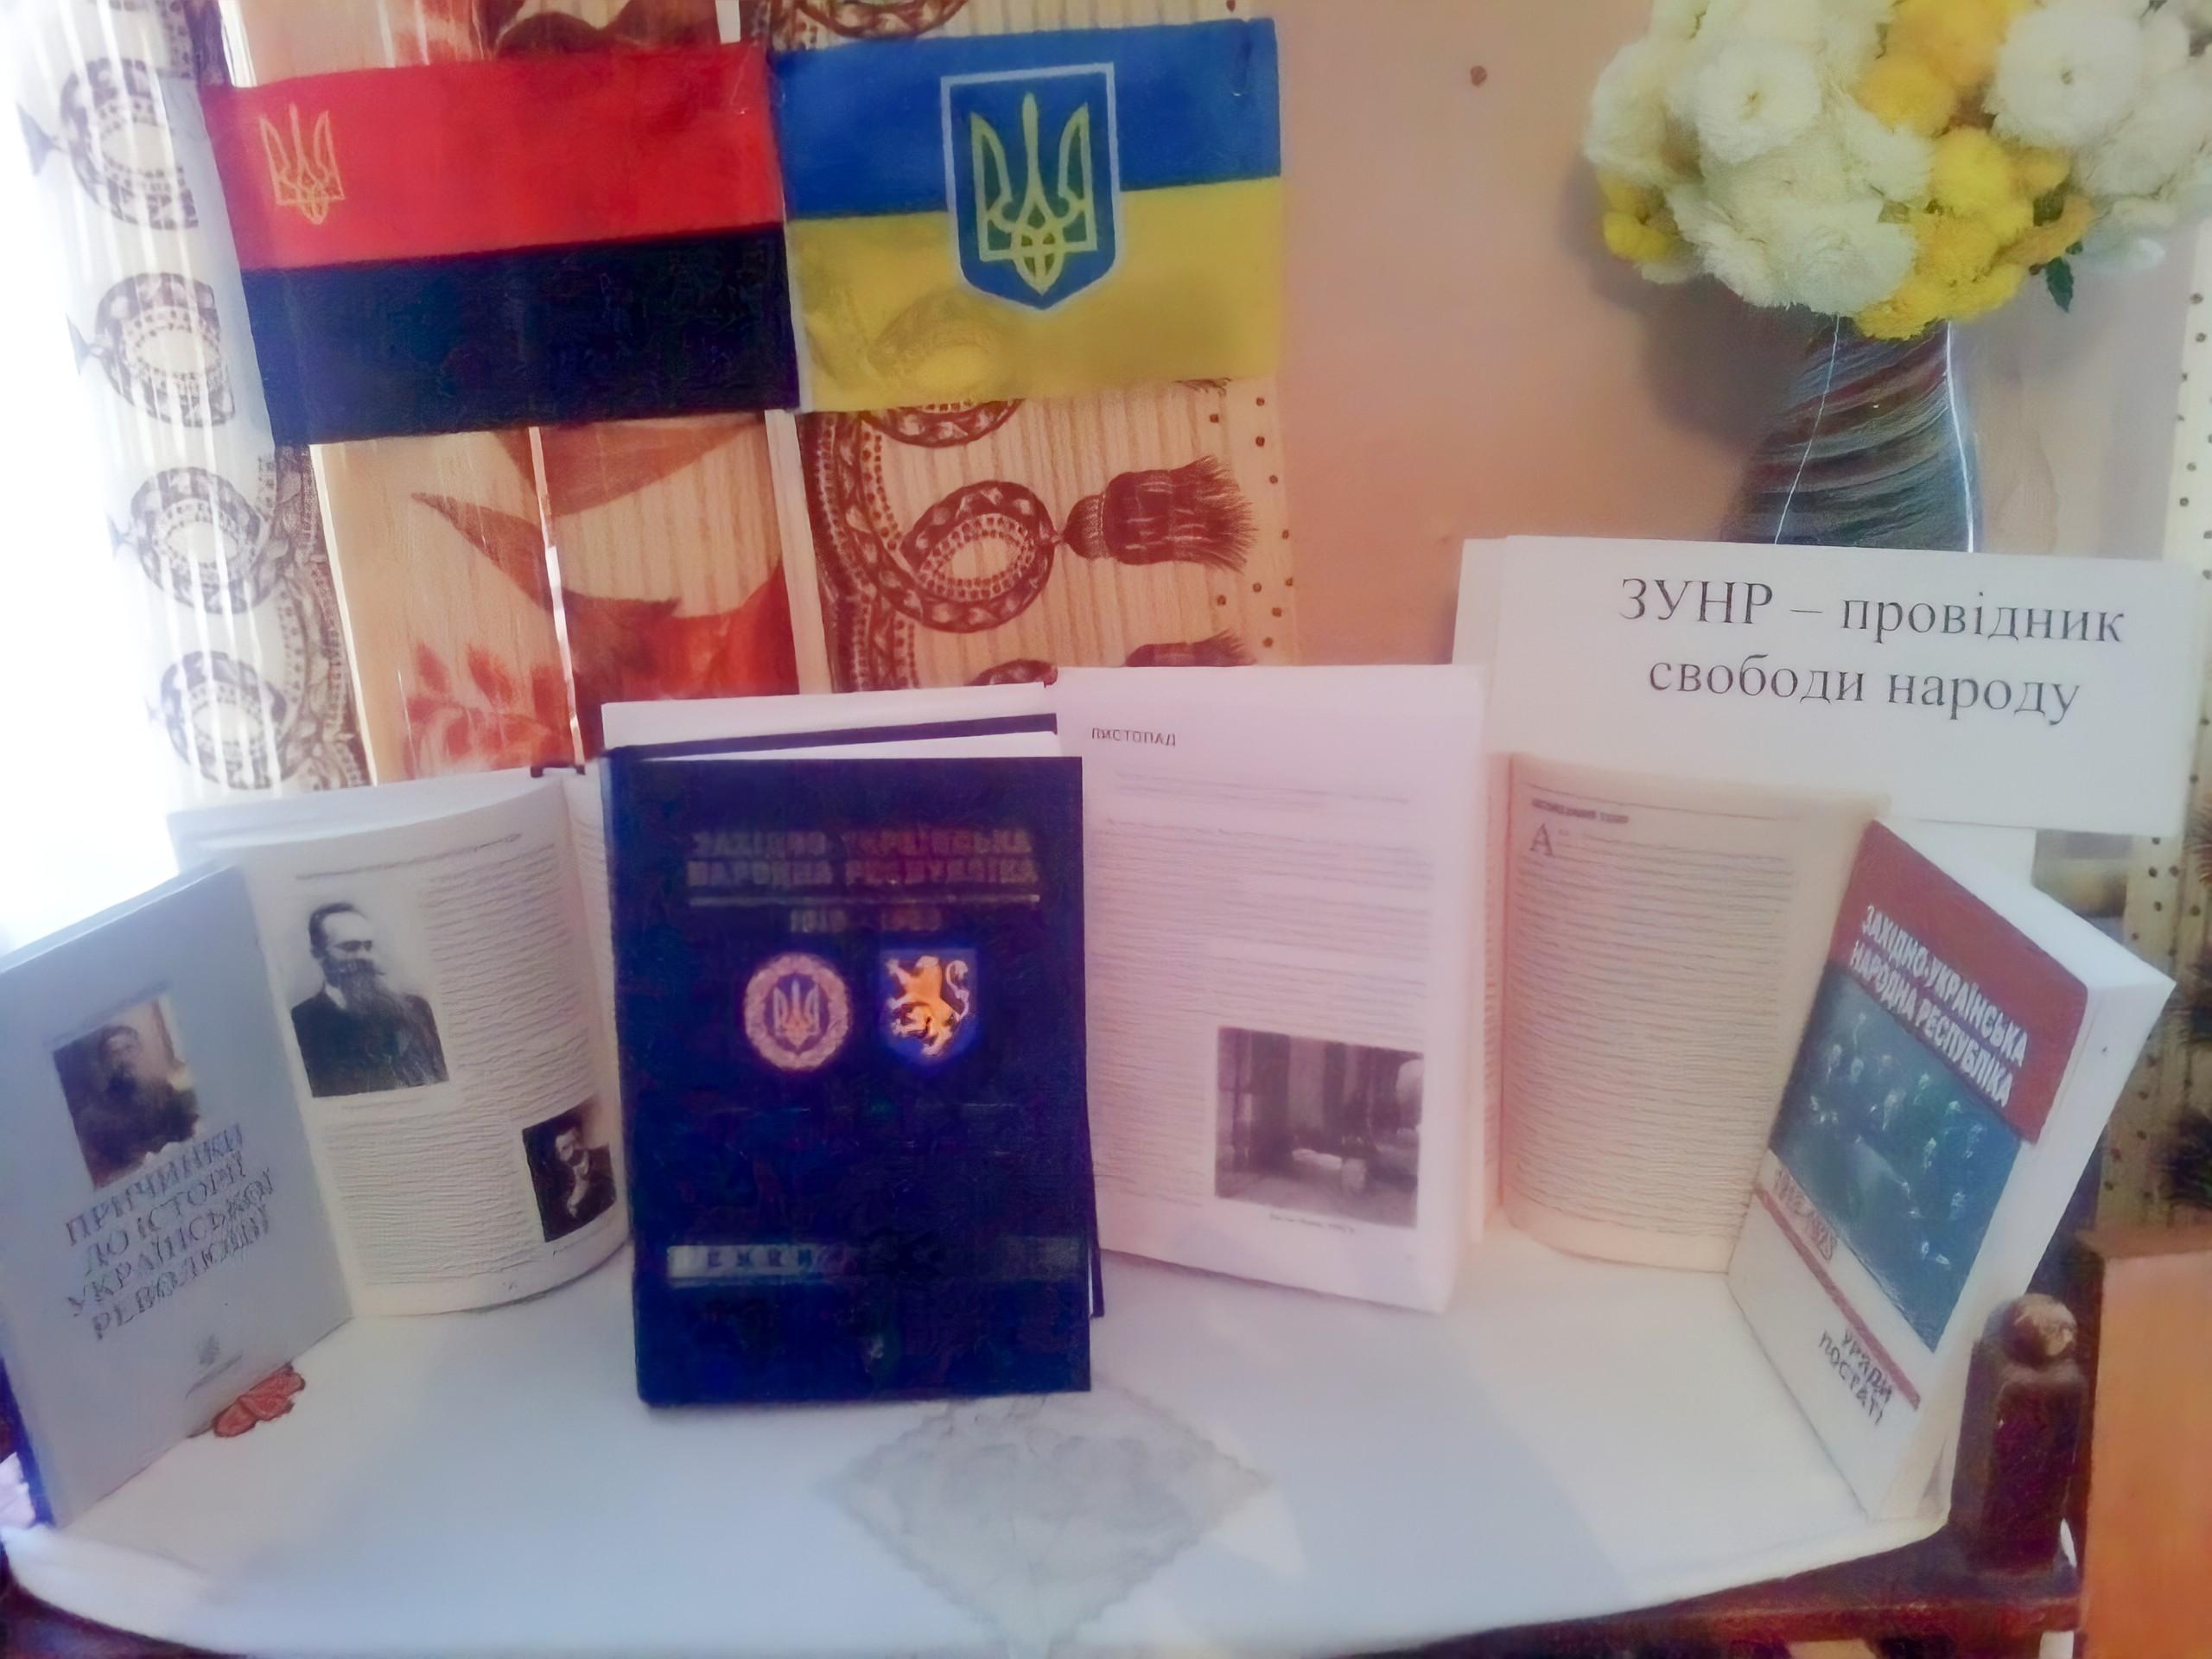 TEMATYChNA KNYZhKOVA VYSTAVKA V BIBLIOTETsI SELA HORDYNIa 01.11.2020